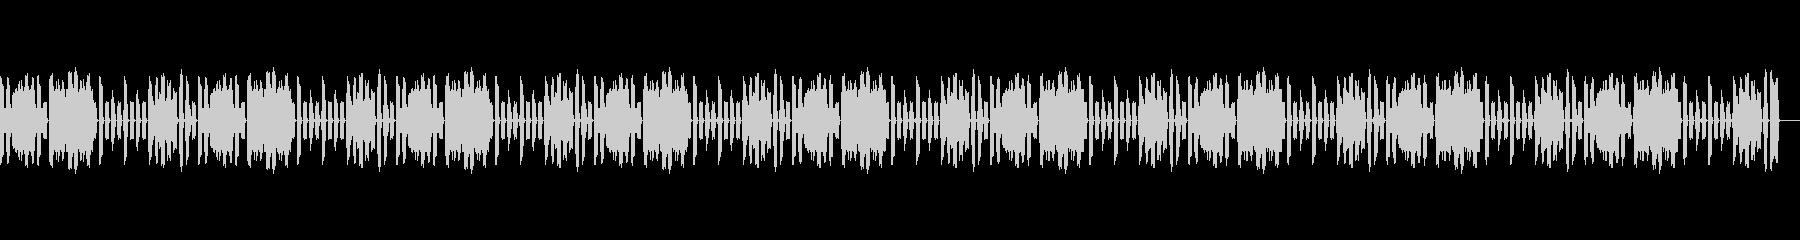 かえるの合唱 (リコーダー合奏)の未再生の波形